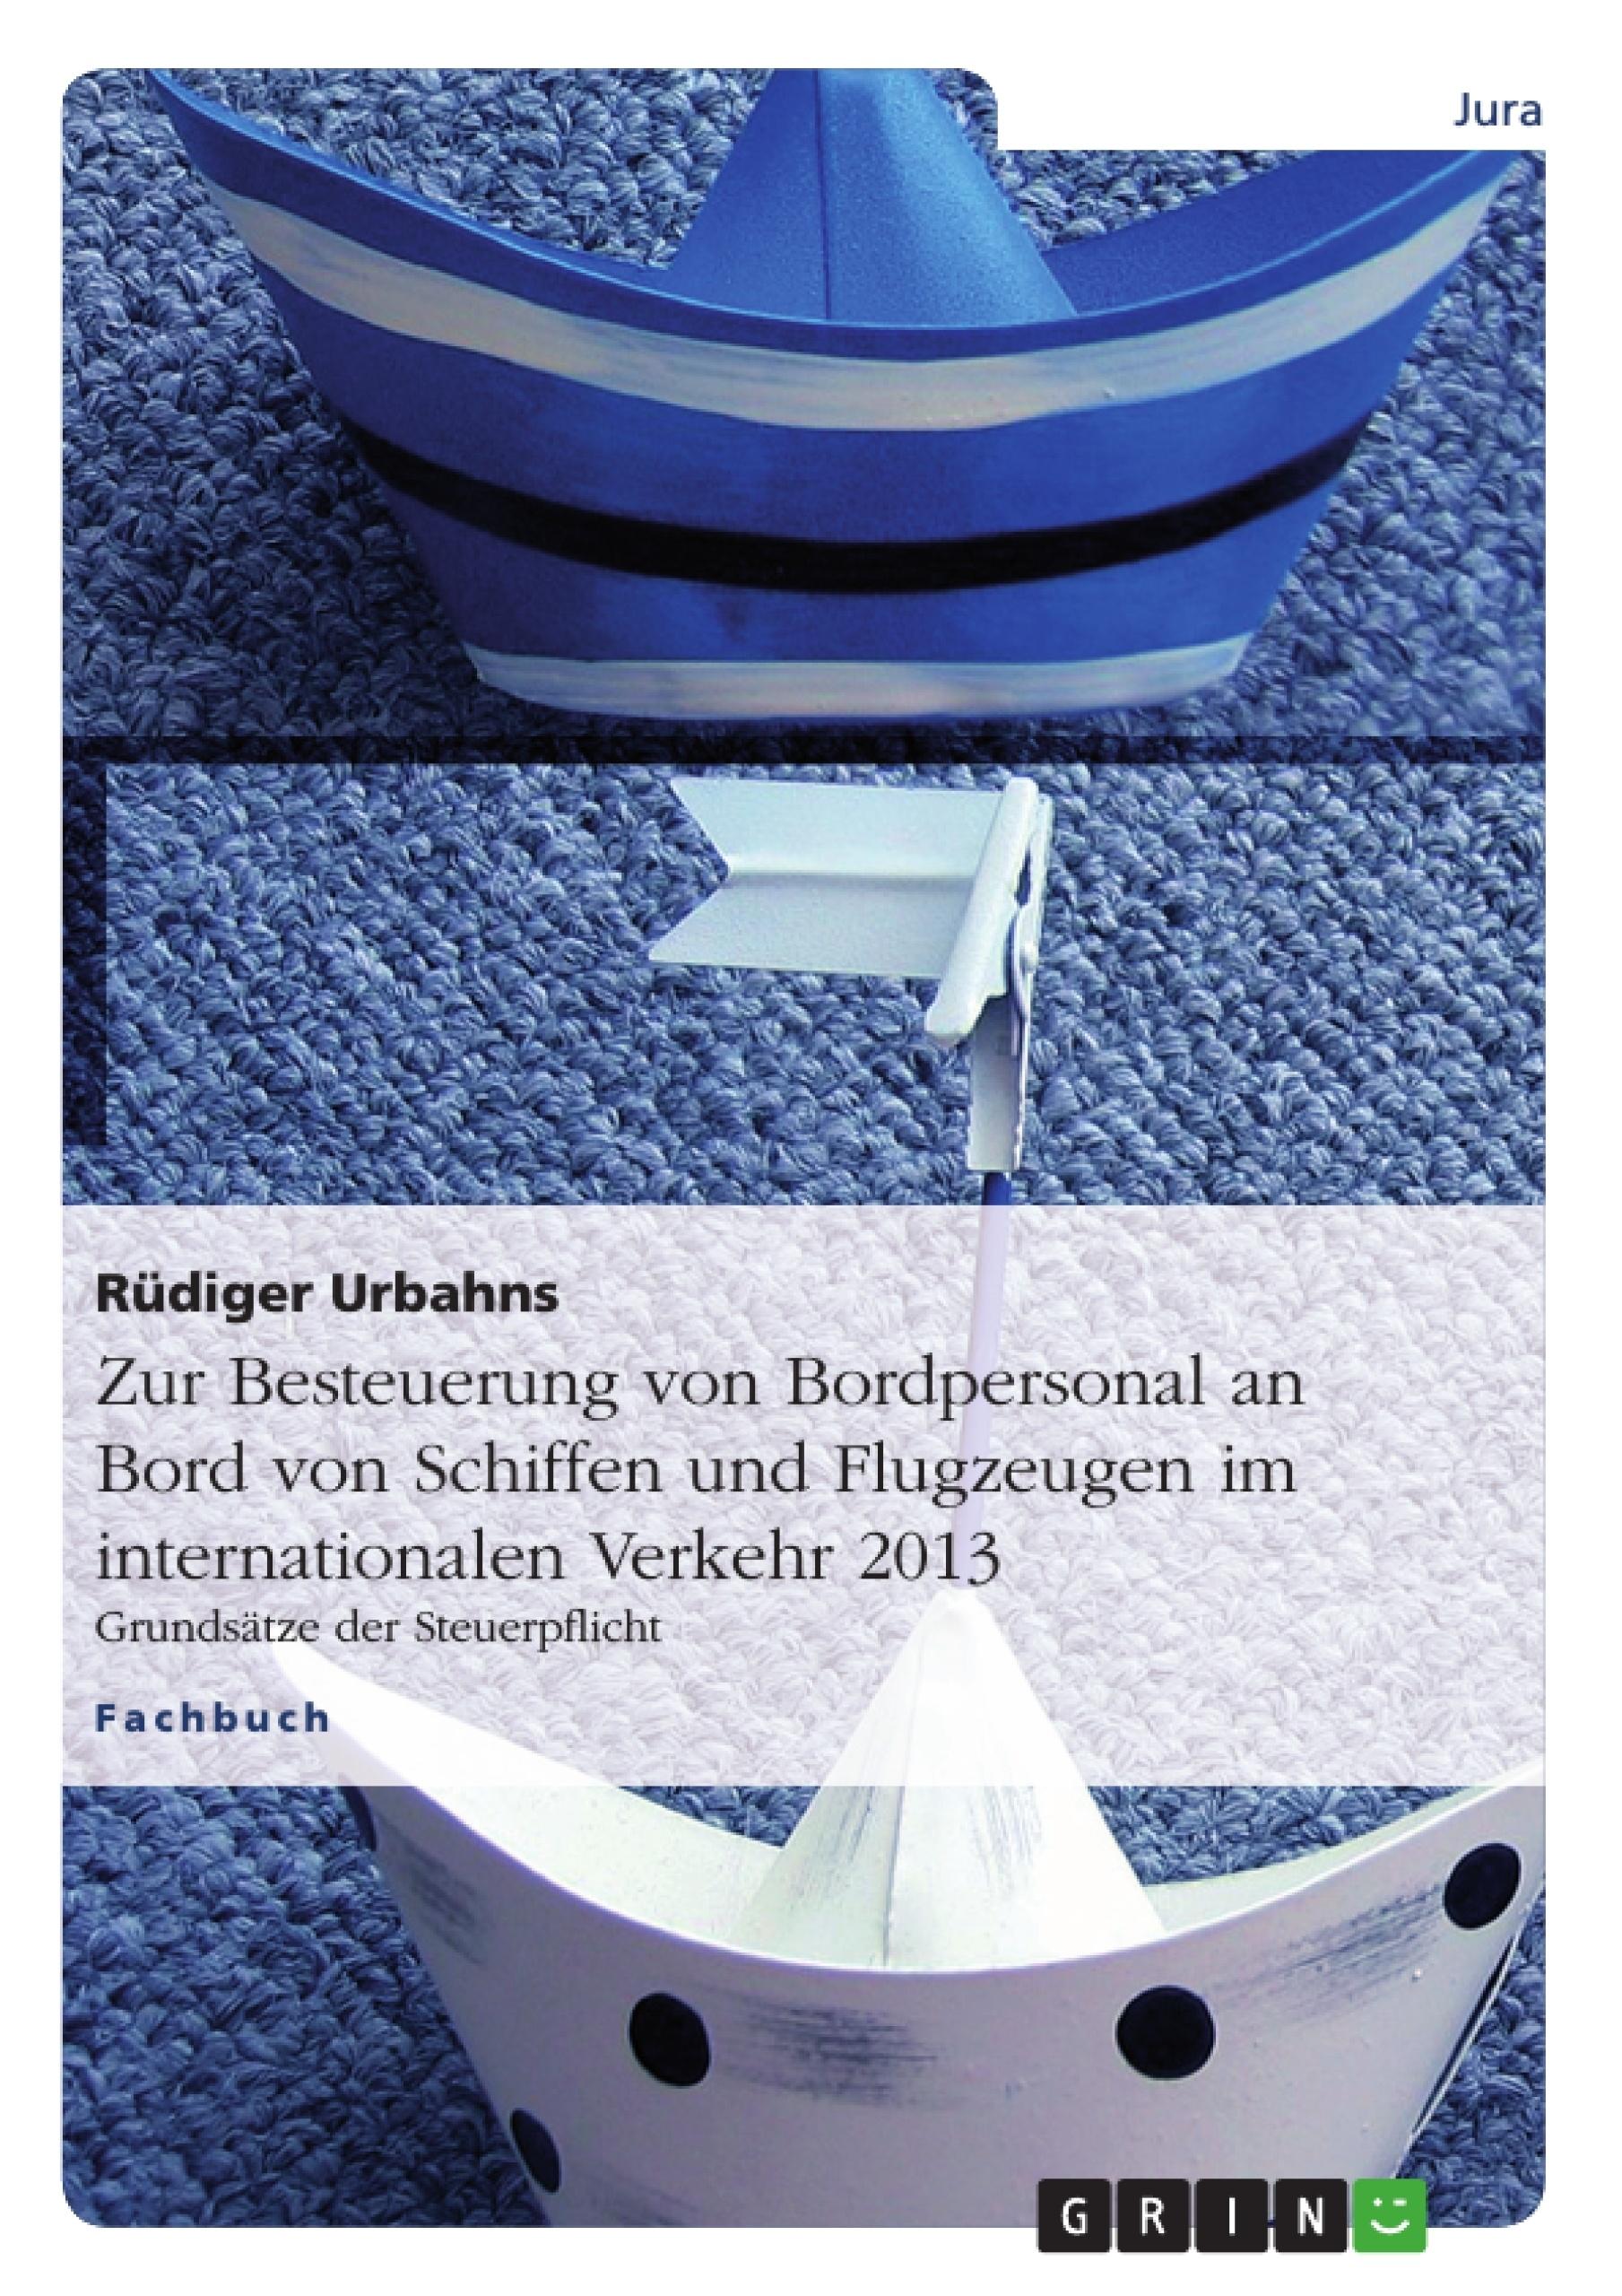 Titel: Zur Besteuerung von Bordpersonal an Bord von Schiffen und Flugzeugen im internationalen Verkehr 2013